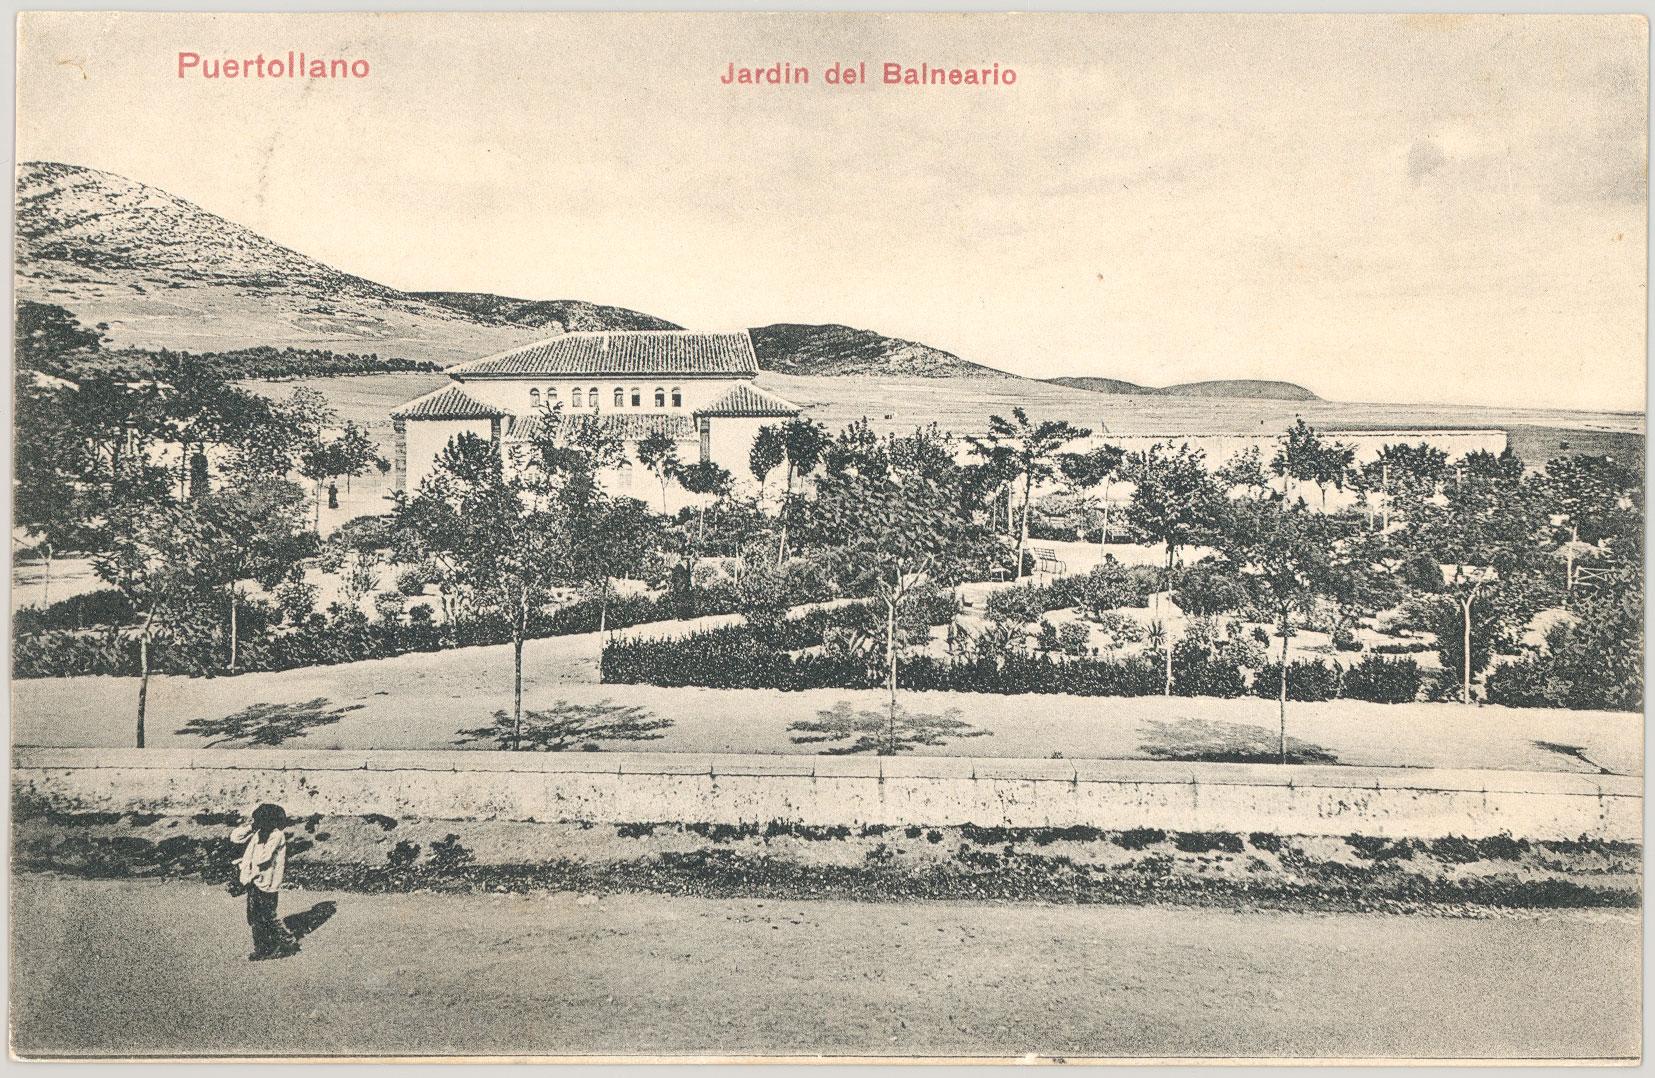 Jardín del Balneario 1906